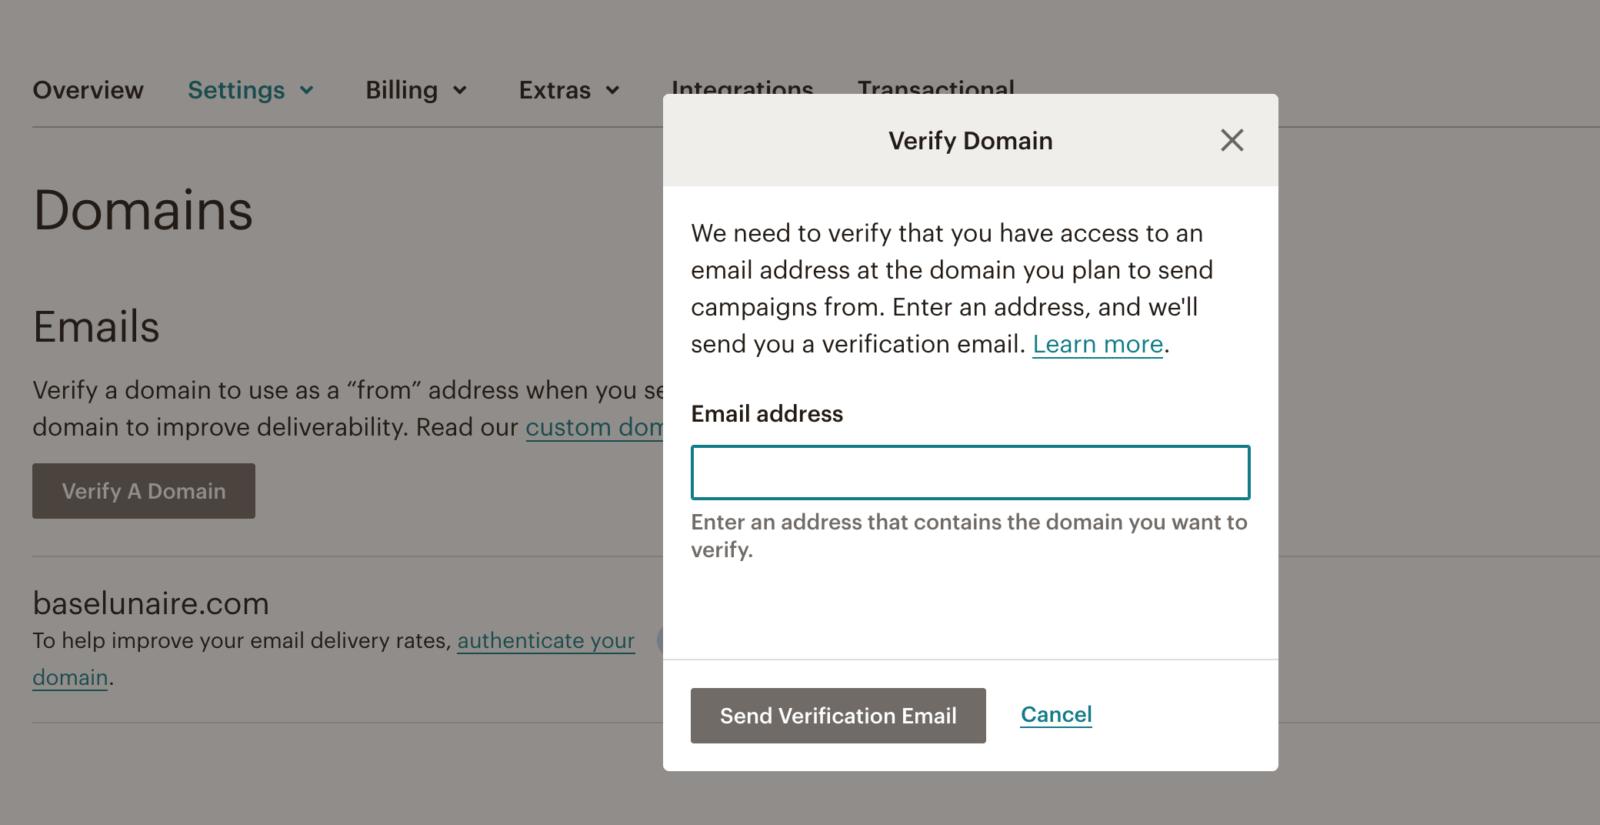 Vérifier un domaine sur Mailchimp